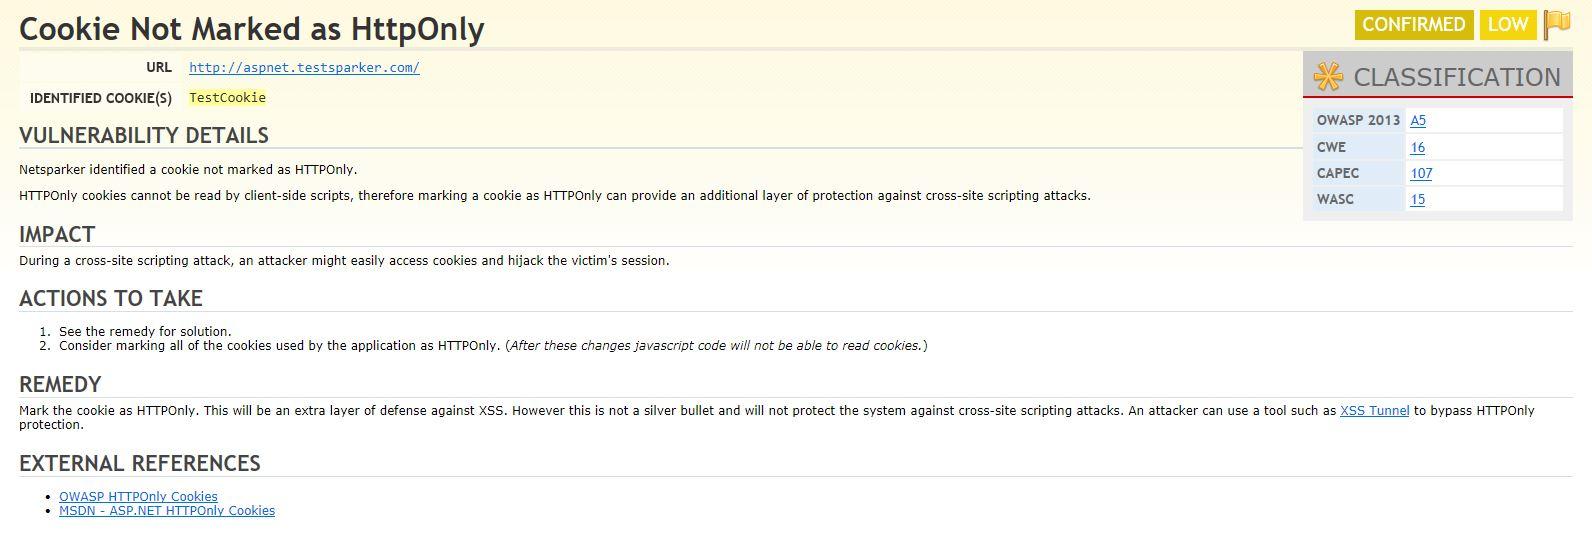 Düşük Düzeydeki Web Uygulama Zafiyeti